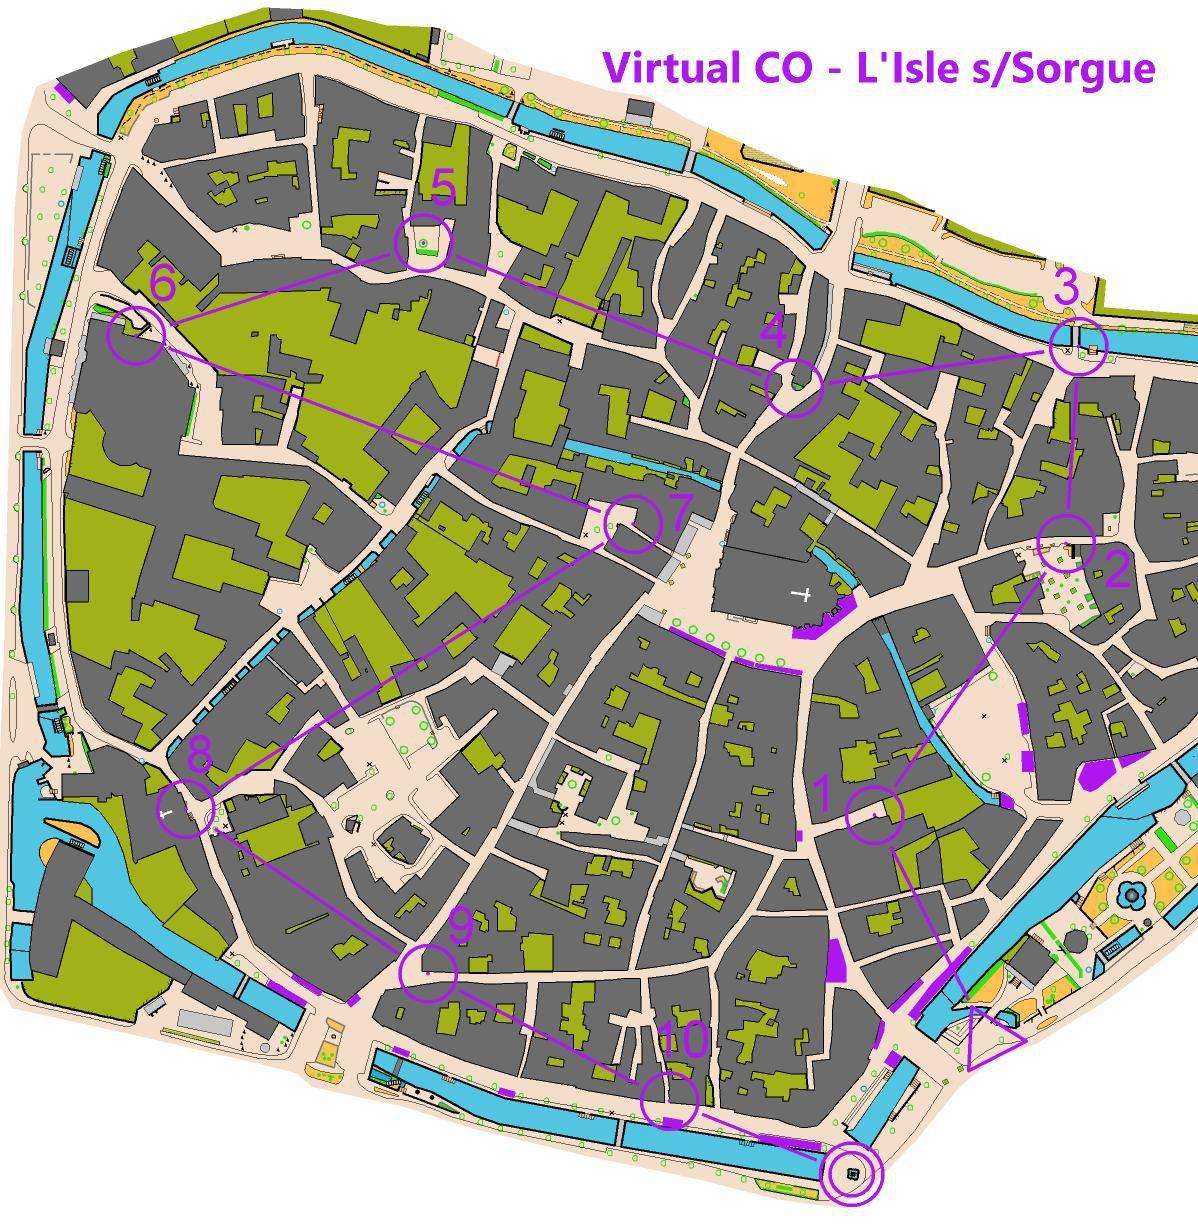 Course d'orientation Virtuelle